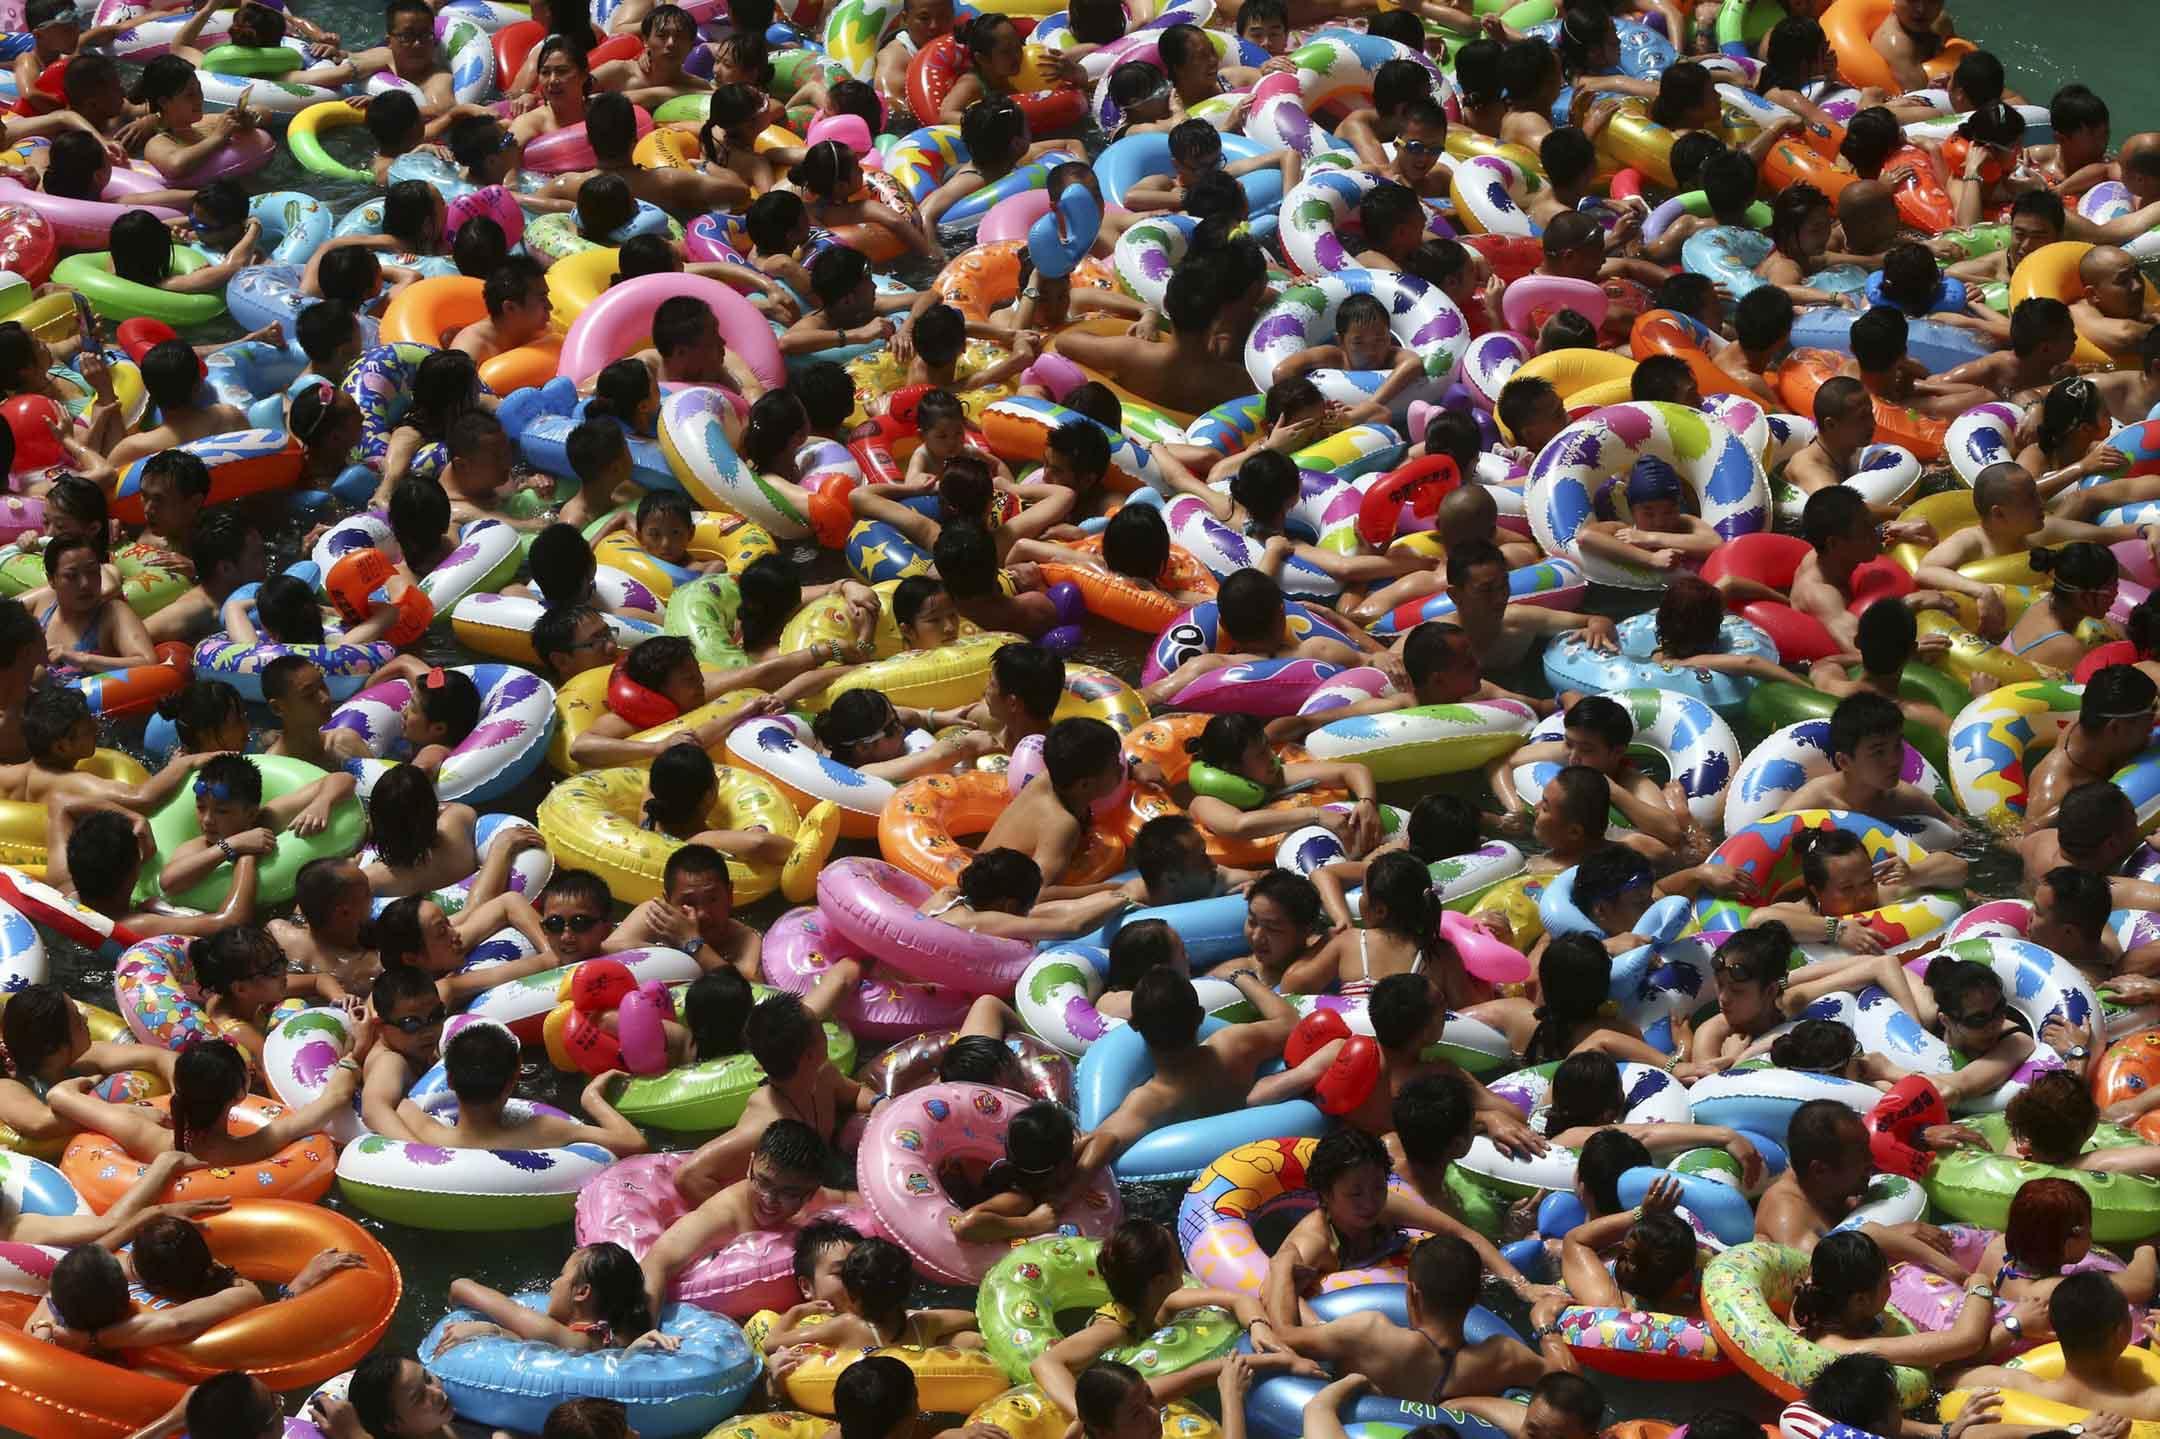 從2017年開始,中國大陸有超過25個城市出台「人才新政」,只要大學本科學歷,便可以落戶,還有城市將門檻降低至專科學歷。遍及全國的「搶人」大戰正酣,幾乎每天都會有奪人眼球的新政策出台,危機與變革的蛛絲馬跡在其中暗藏湧動着。 攝:STR/AFP/Getty Images